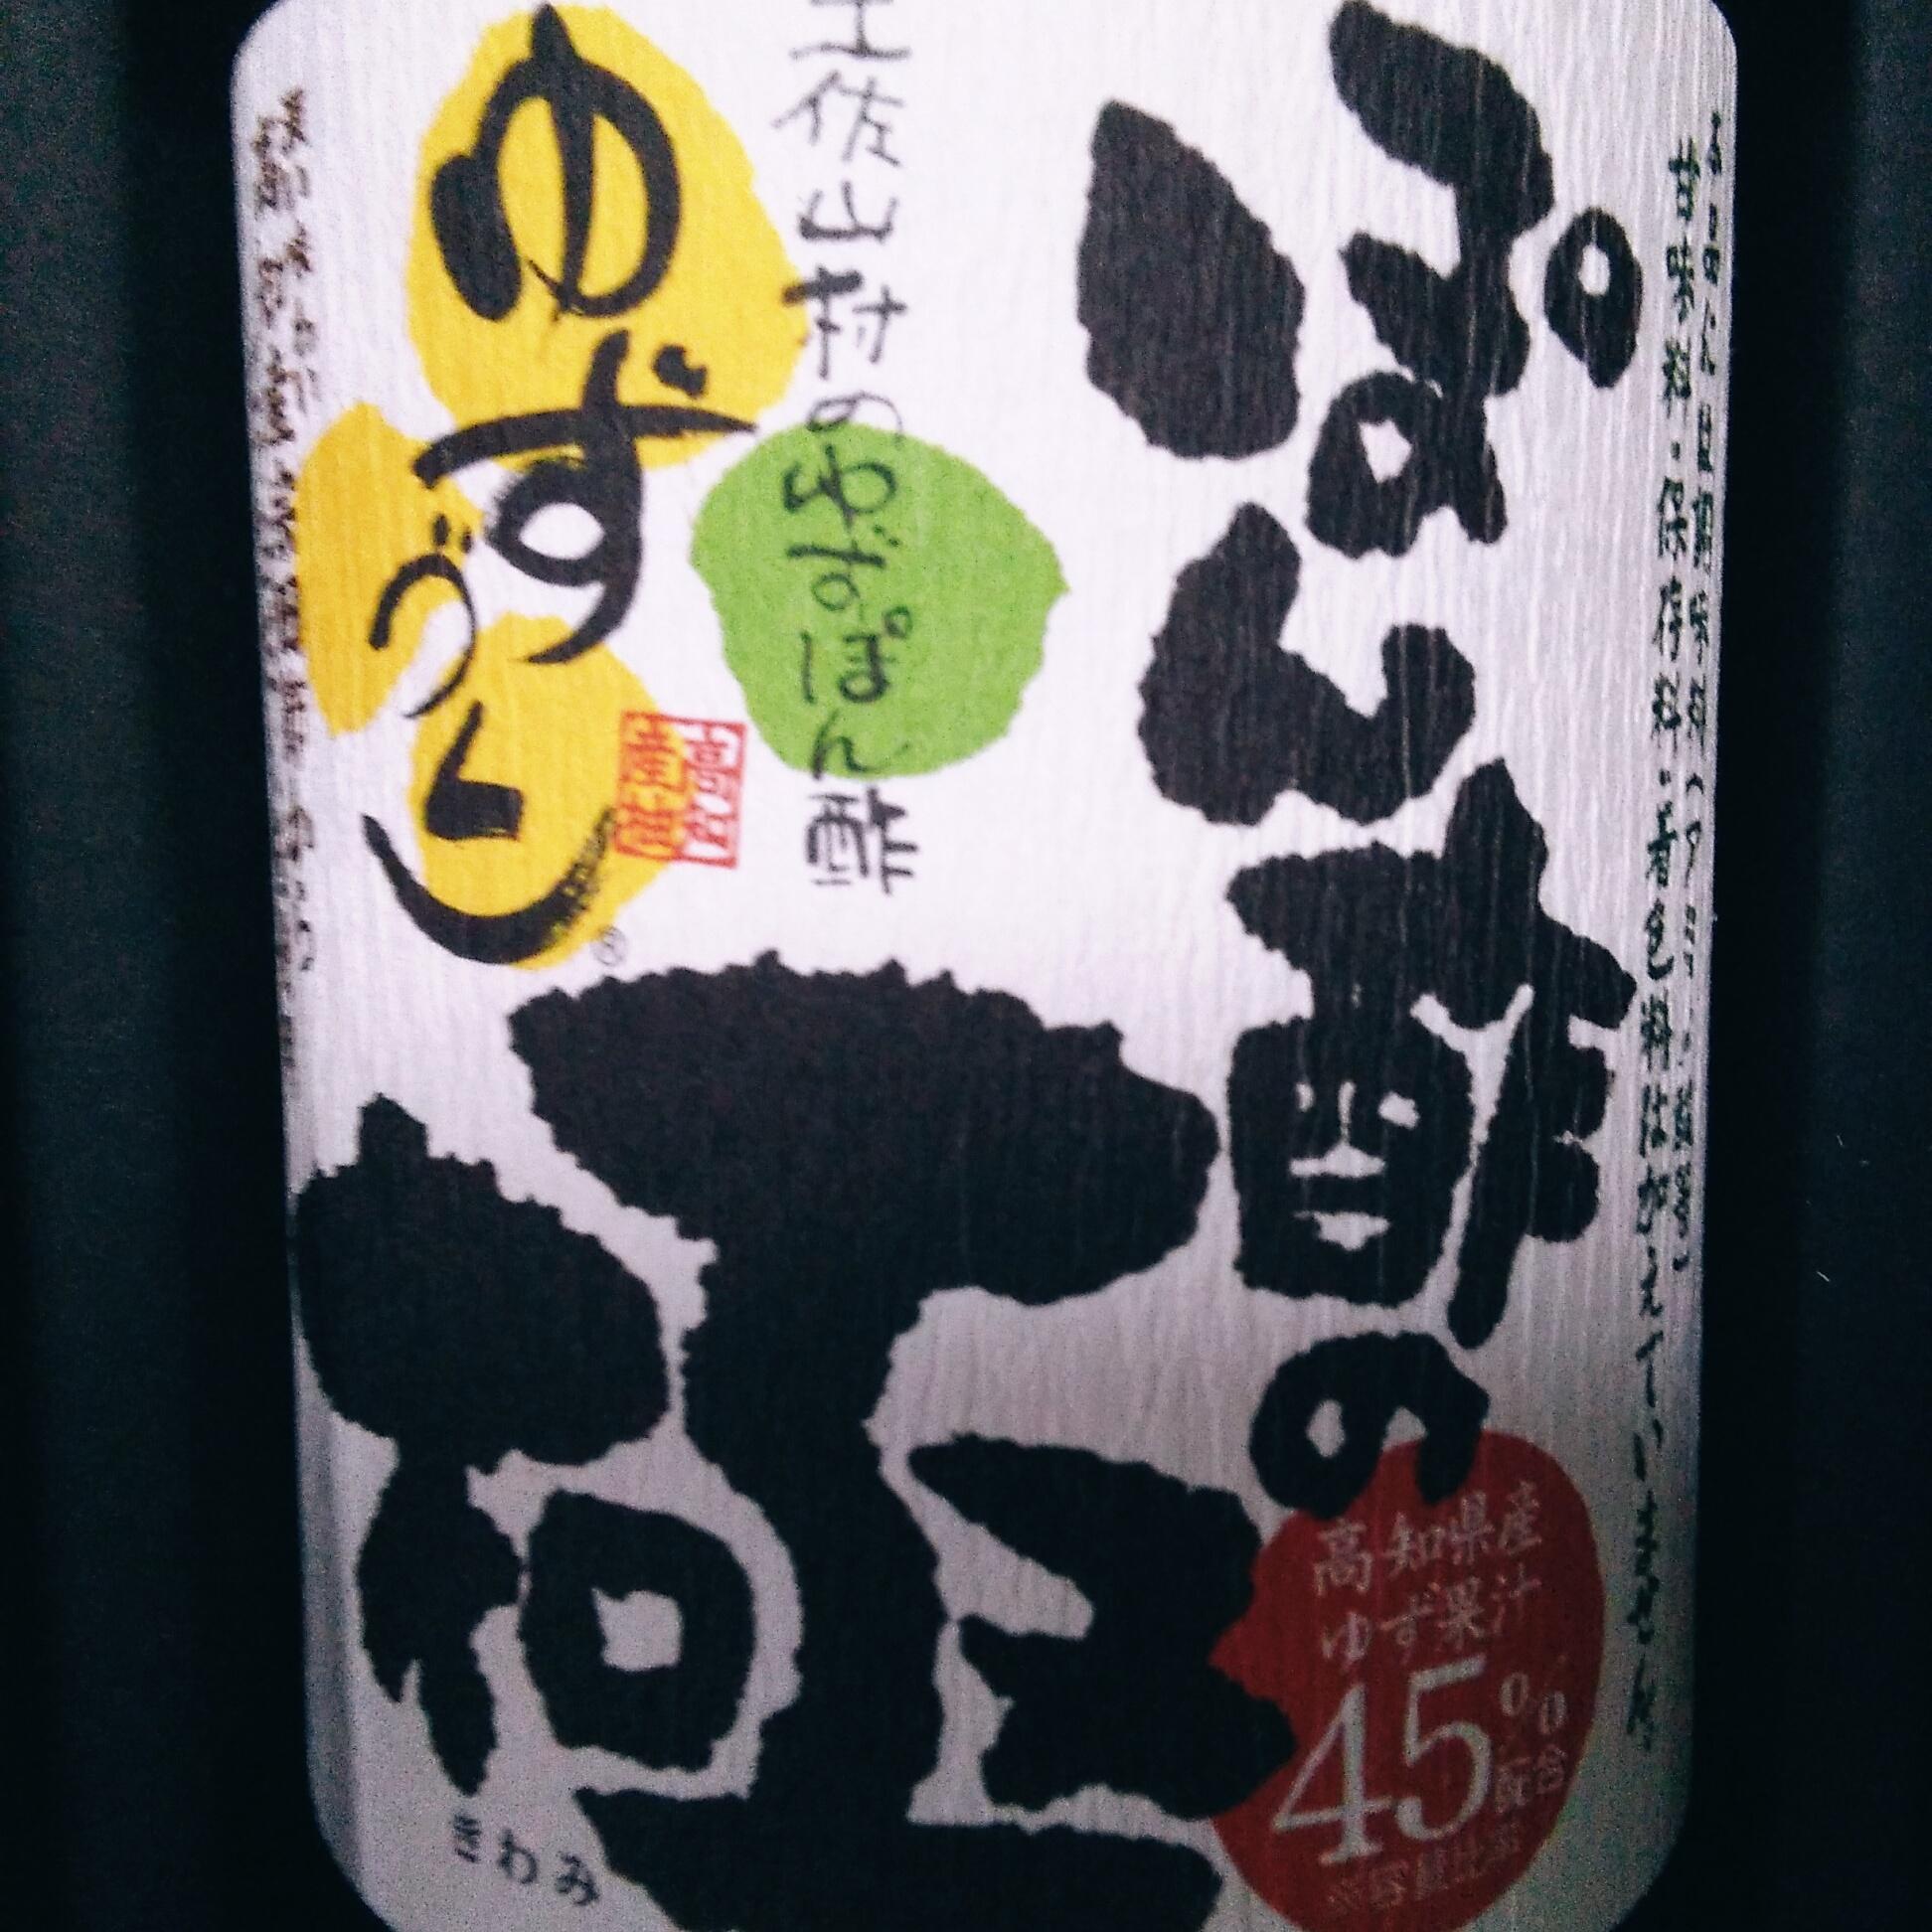 10/31まで 完全予約製造販売 土佐山村のゆずぽん酢 極 2000円を10%OFFで